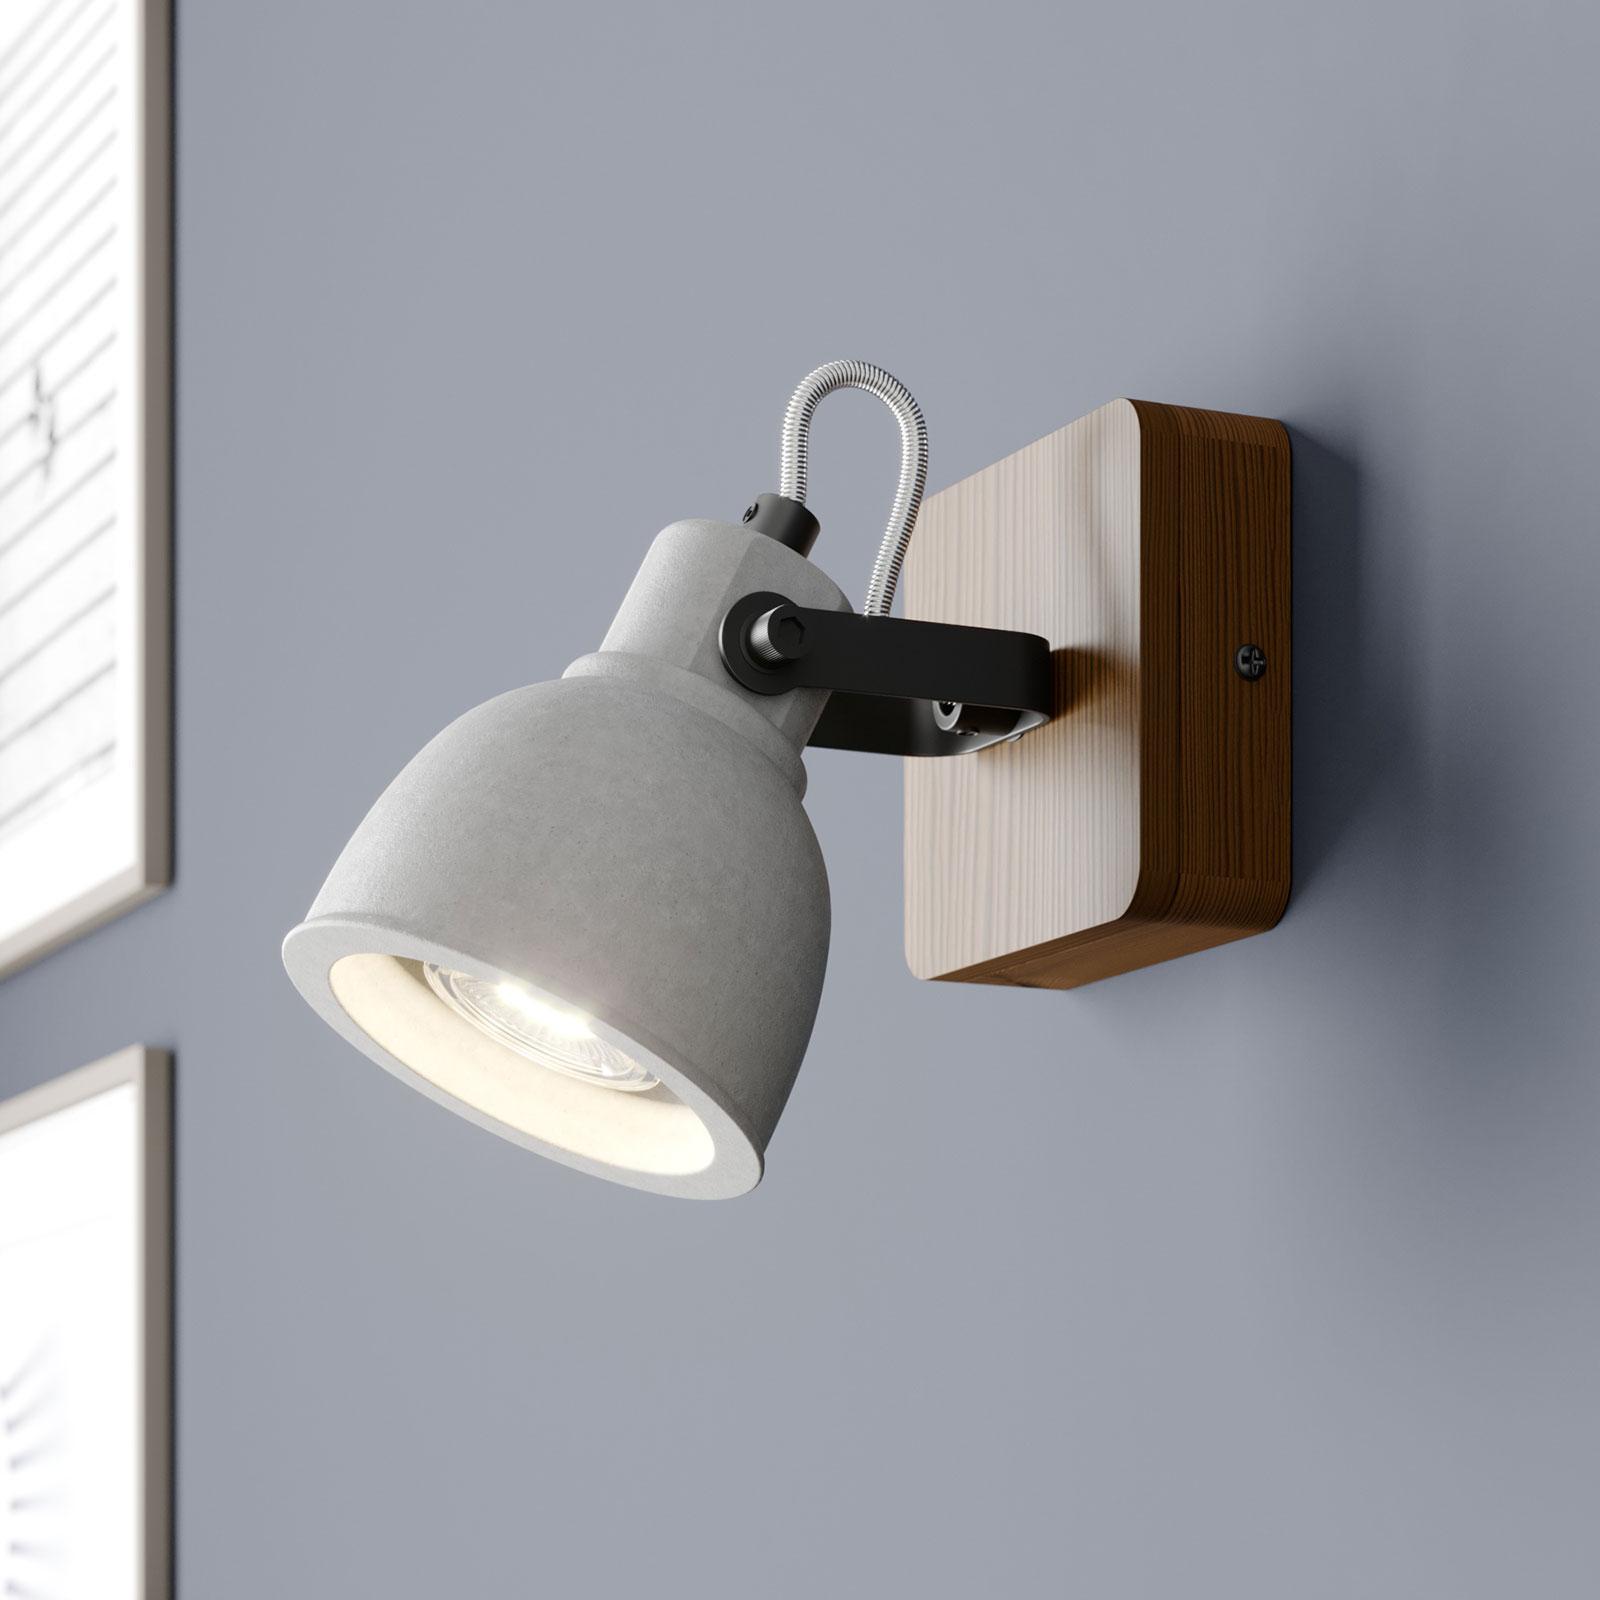 Lindby Mirka LED-spot av tre og betong